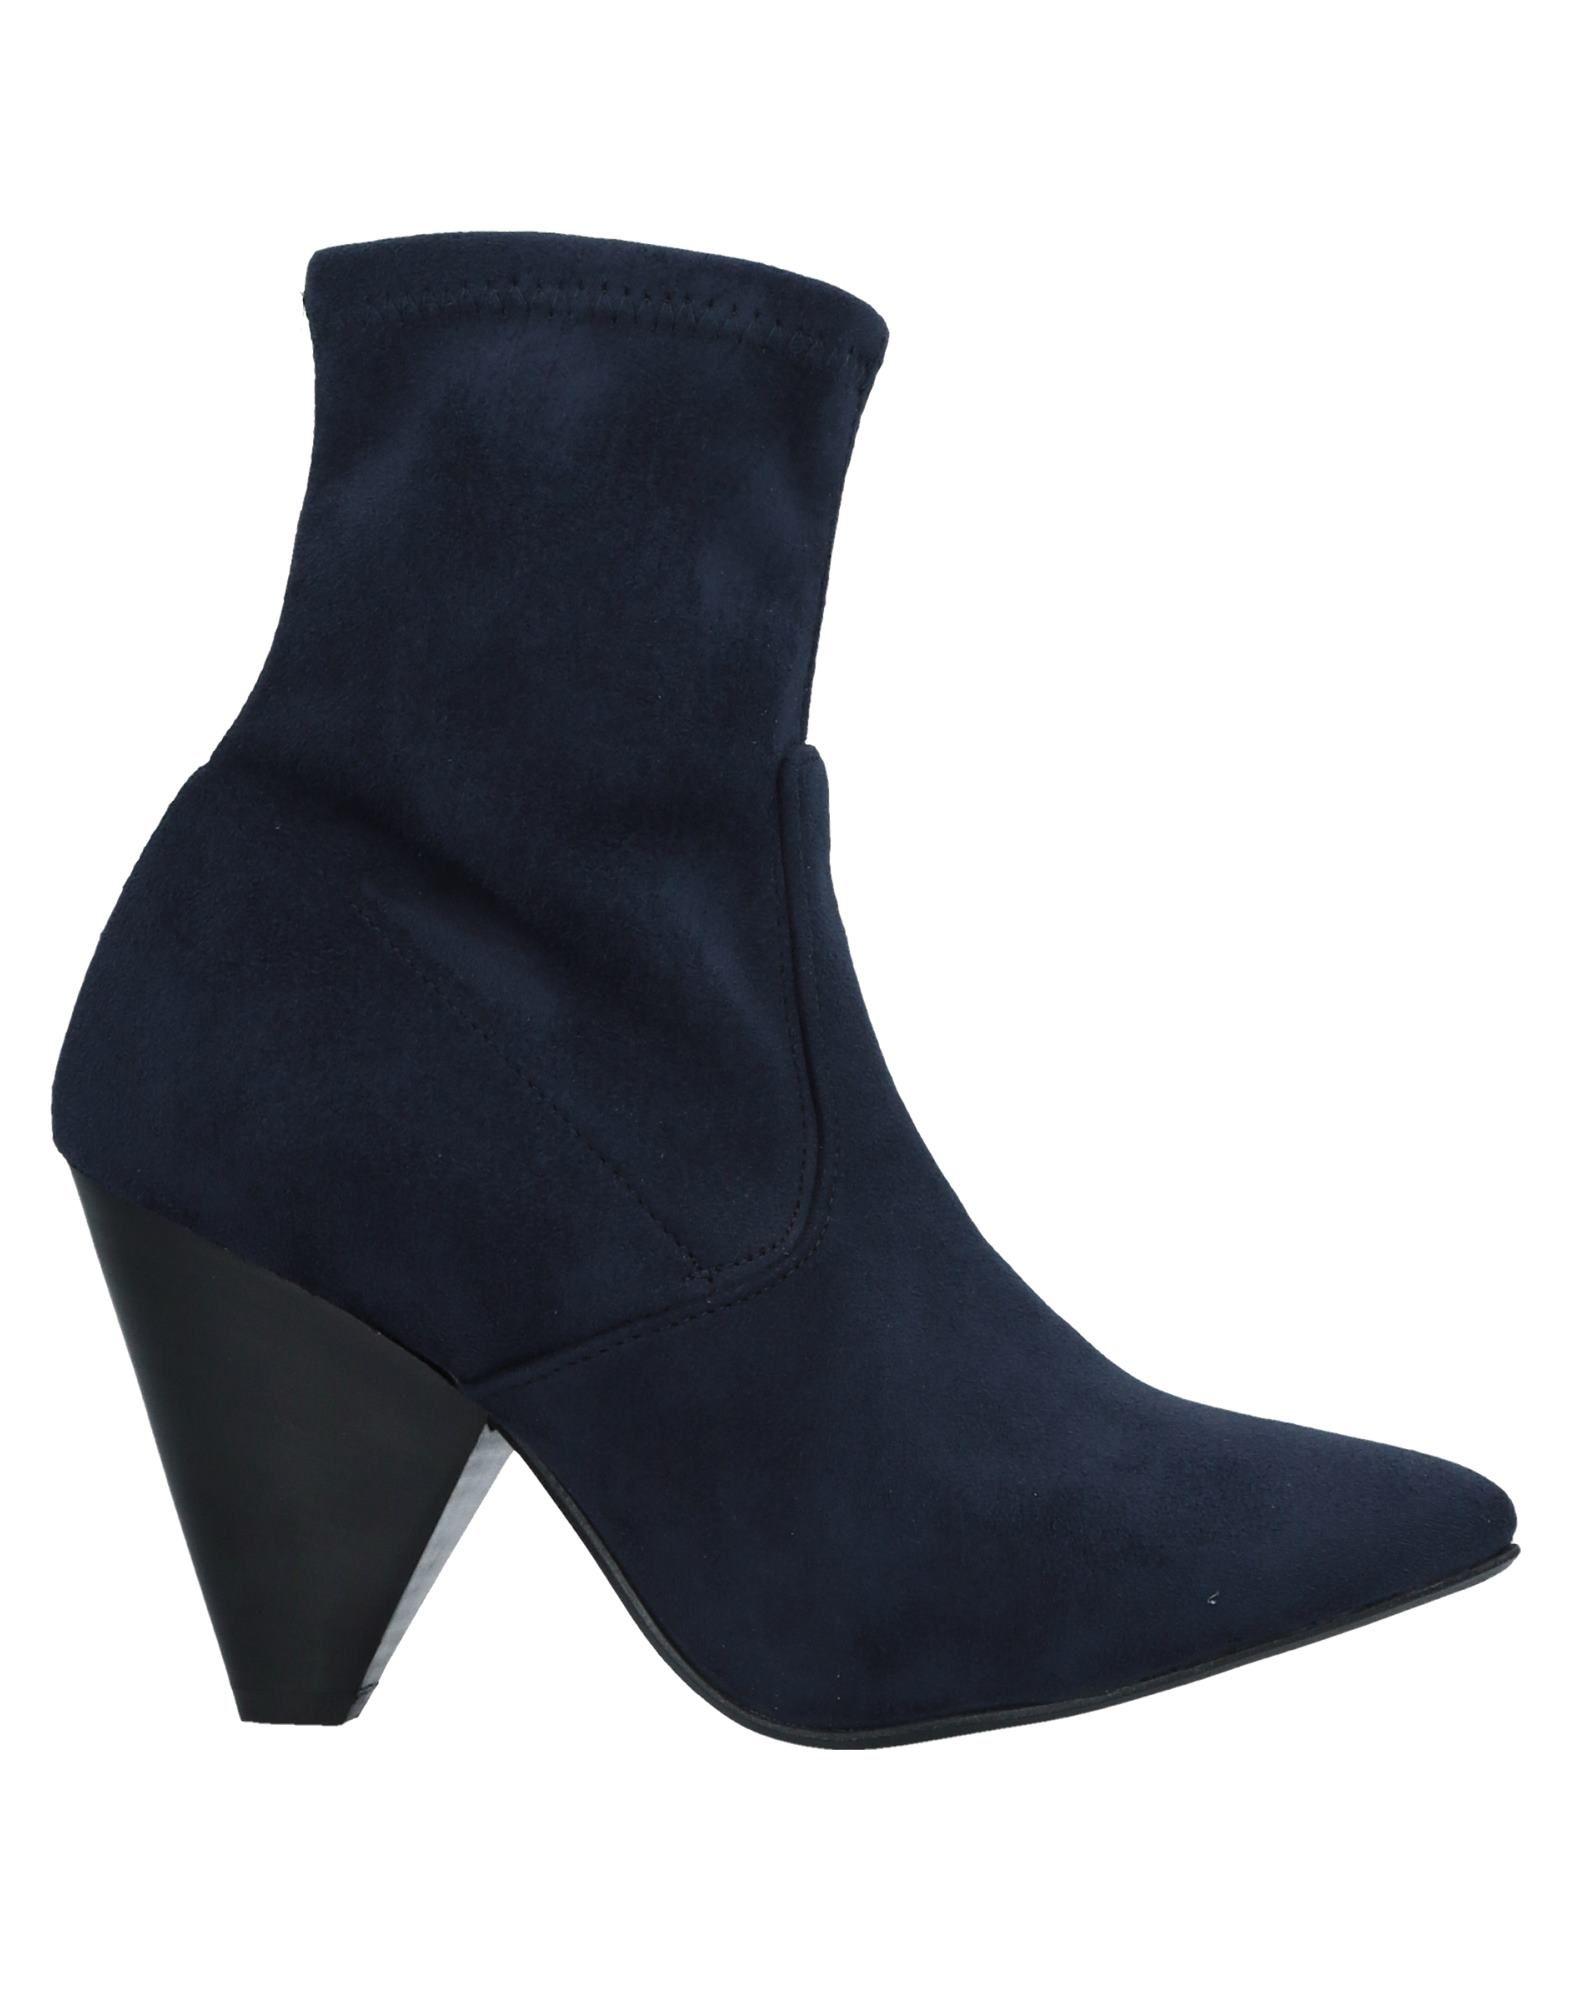 Gut um Stiefelette billige Schuhe zu tragenLe Pepite Stiefelette um Damen  11528579GF d63b1d